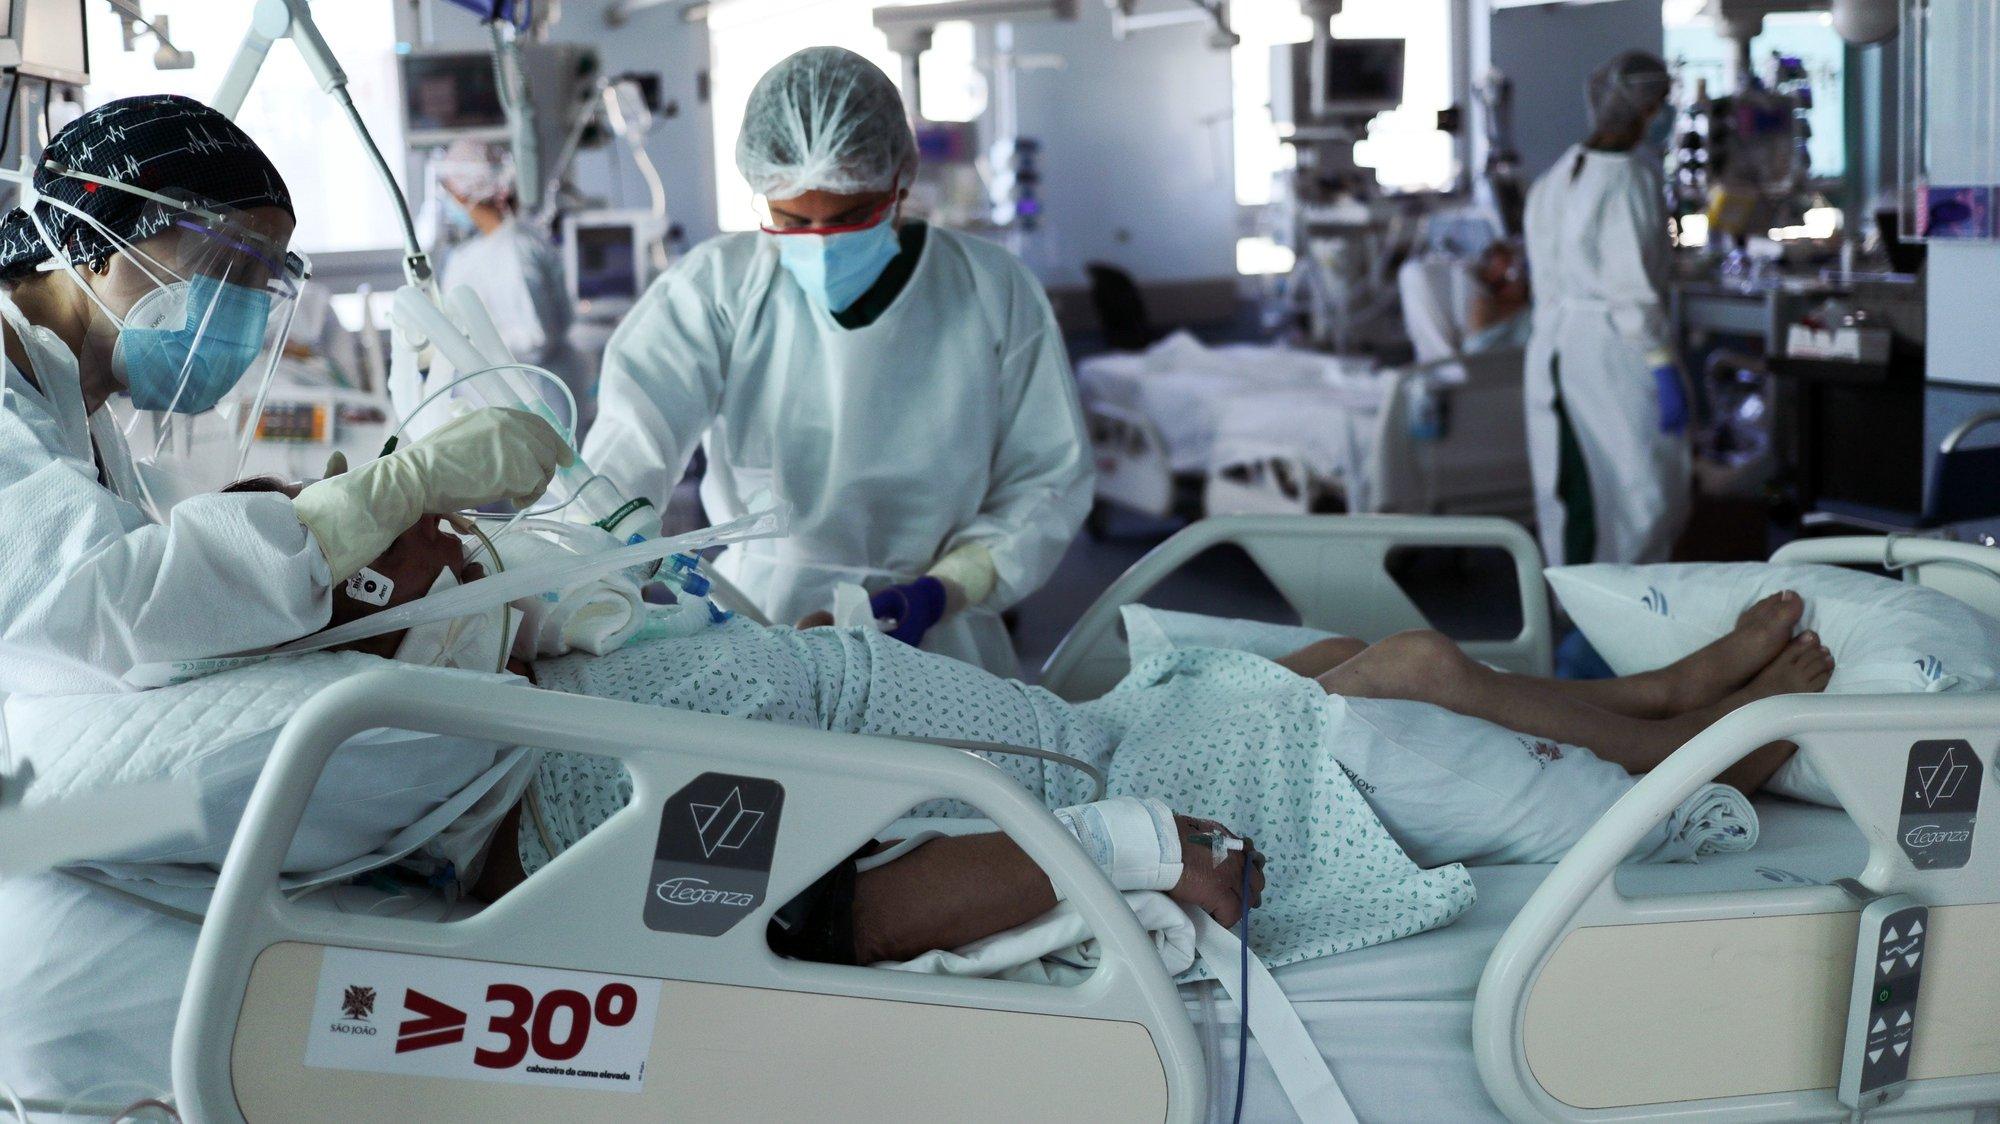 """Serviço de cuidados intensivos Neurocríticos do Hospital de São João, no Porto, 26 de outubro de 2020. As """"doenças de inverno"""" que habitualmente lotam os serviços dos hospitais ainda não chegaram, mas no Centro Hospitalar Universitário de São João há alas esgotadas devido à """"pressão"""" da covid-19, algo que os especialistas veem com """"muita preocupação"""". (ACOMPANHA TEXTO DA LUSA DO DIA 28 DE OUTUBRO DE 2020). ESTELA SILVA/LUSA"""